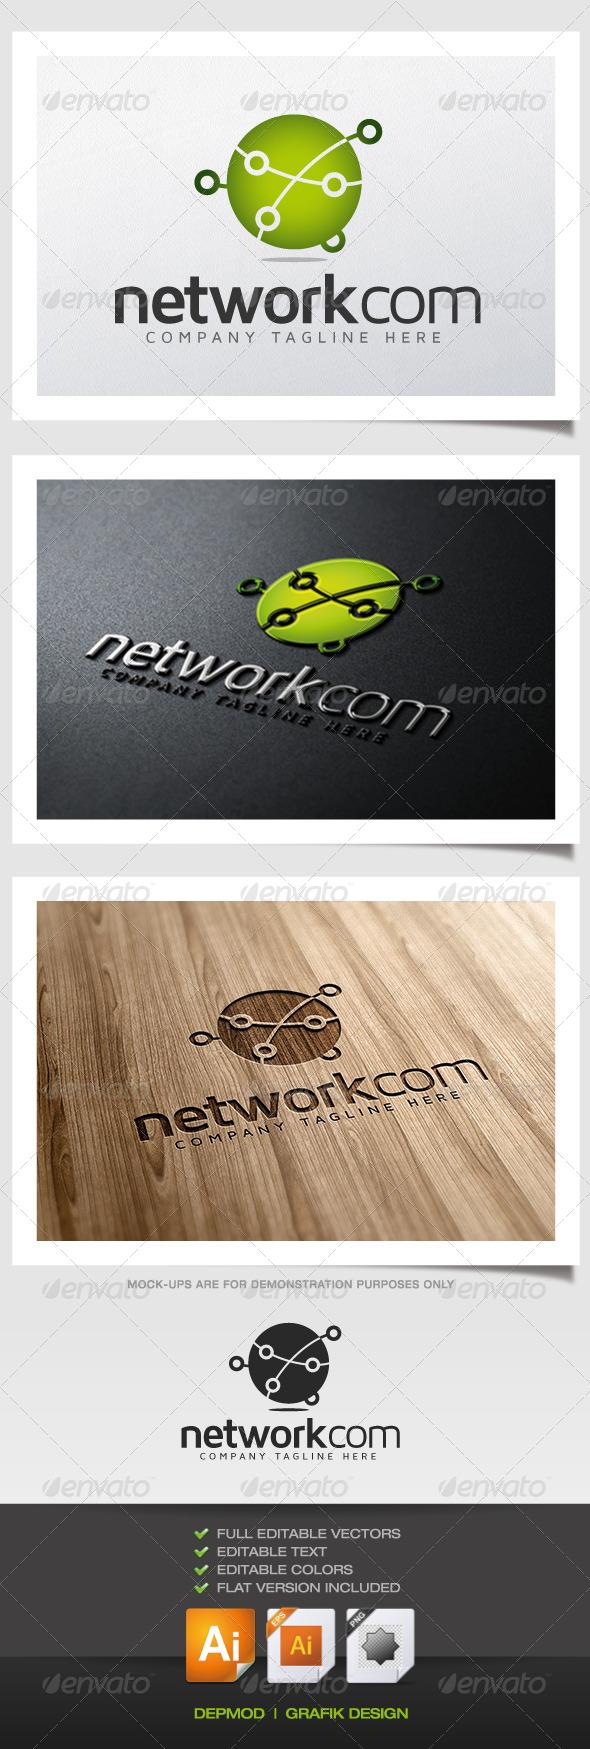 GraphicRiver Network Com Logo 5562607